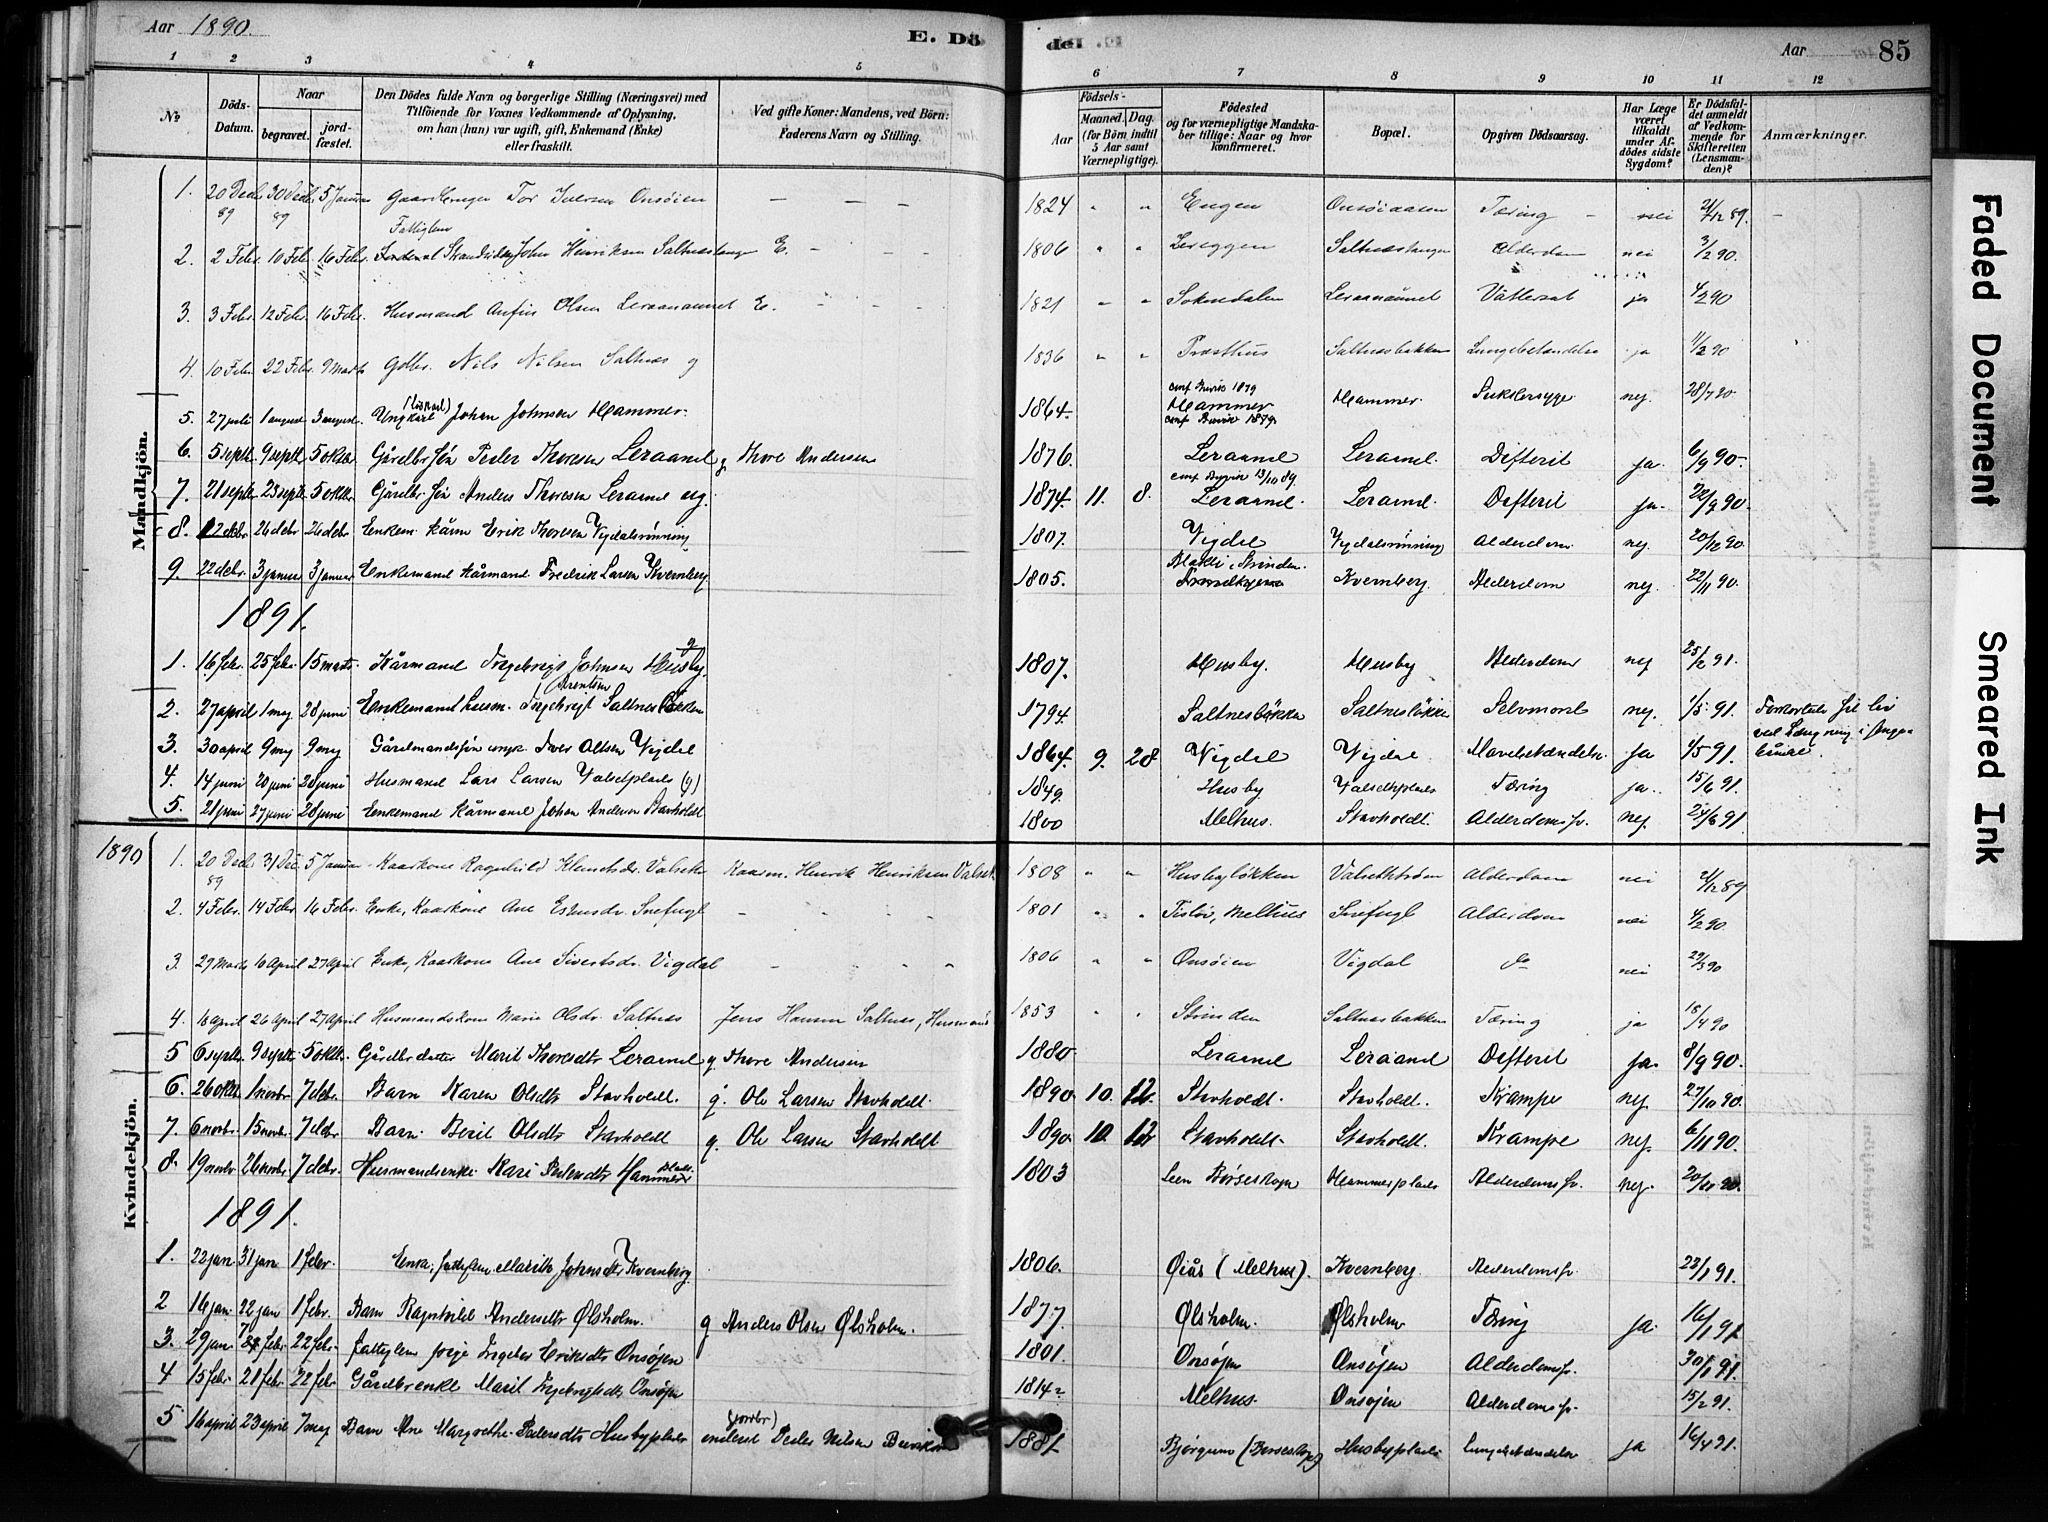 SAT, Ministerialprotokoller, klokkerbøker og fødselsregistre - Sør-Trøndelag, 666/L0786: Ministerialbok nr. 666A04, 1878-1895, s. 85